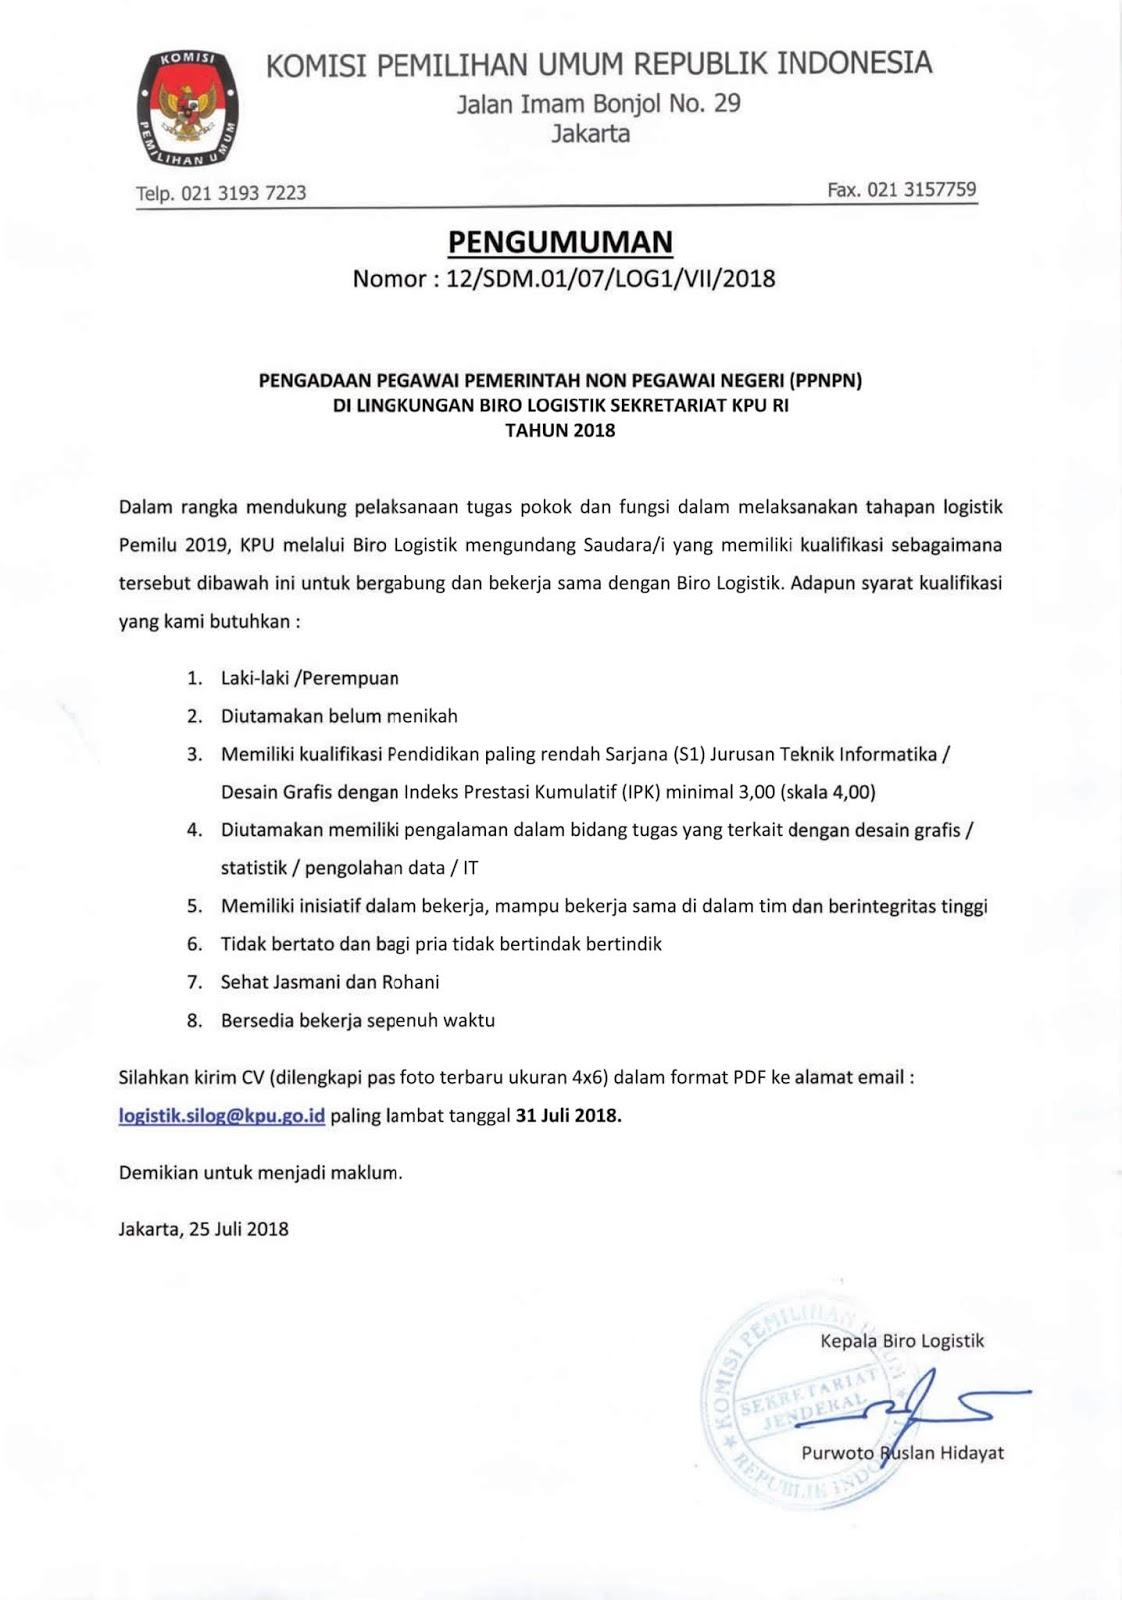 Penerimaan Pegawai PPNPN Komisi Pemilihan Umum Republik Indonesia